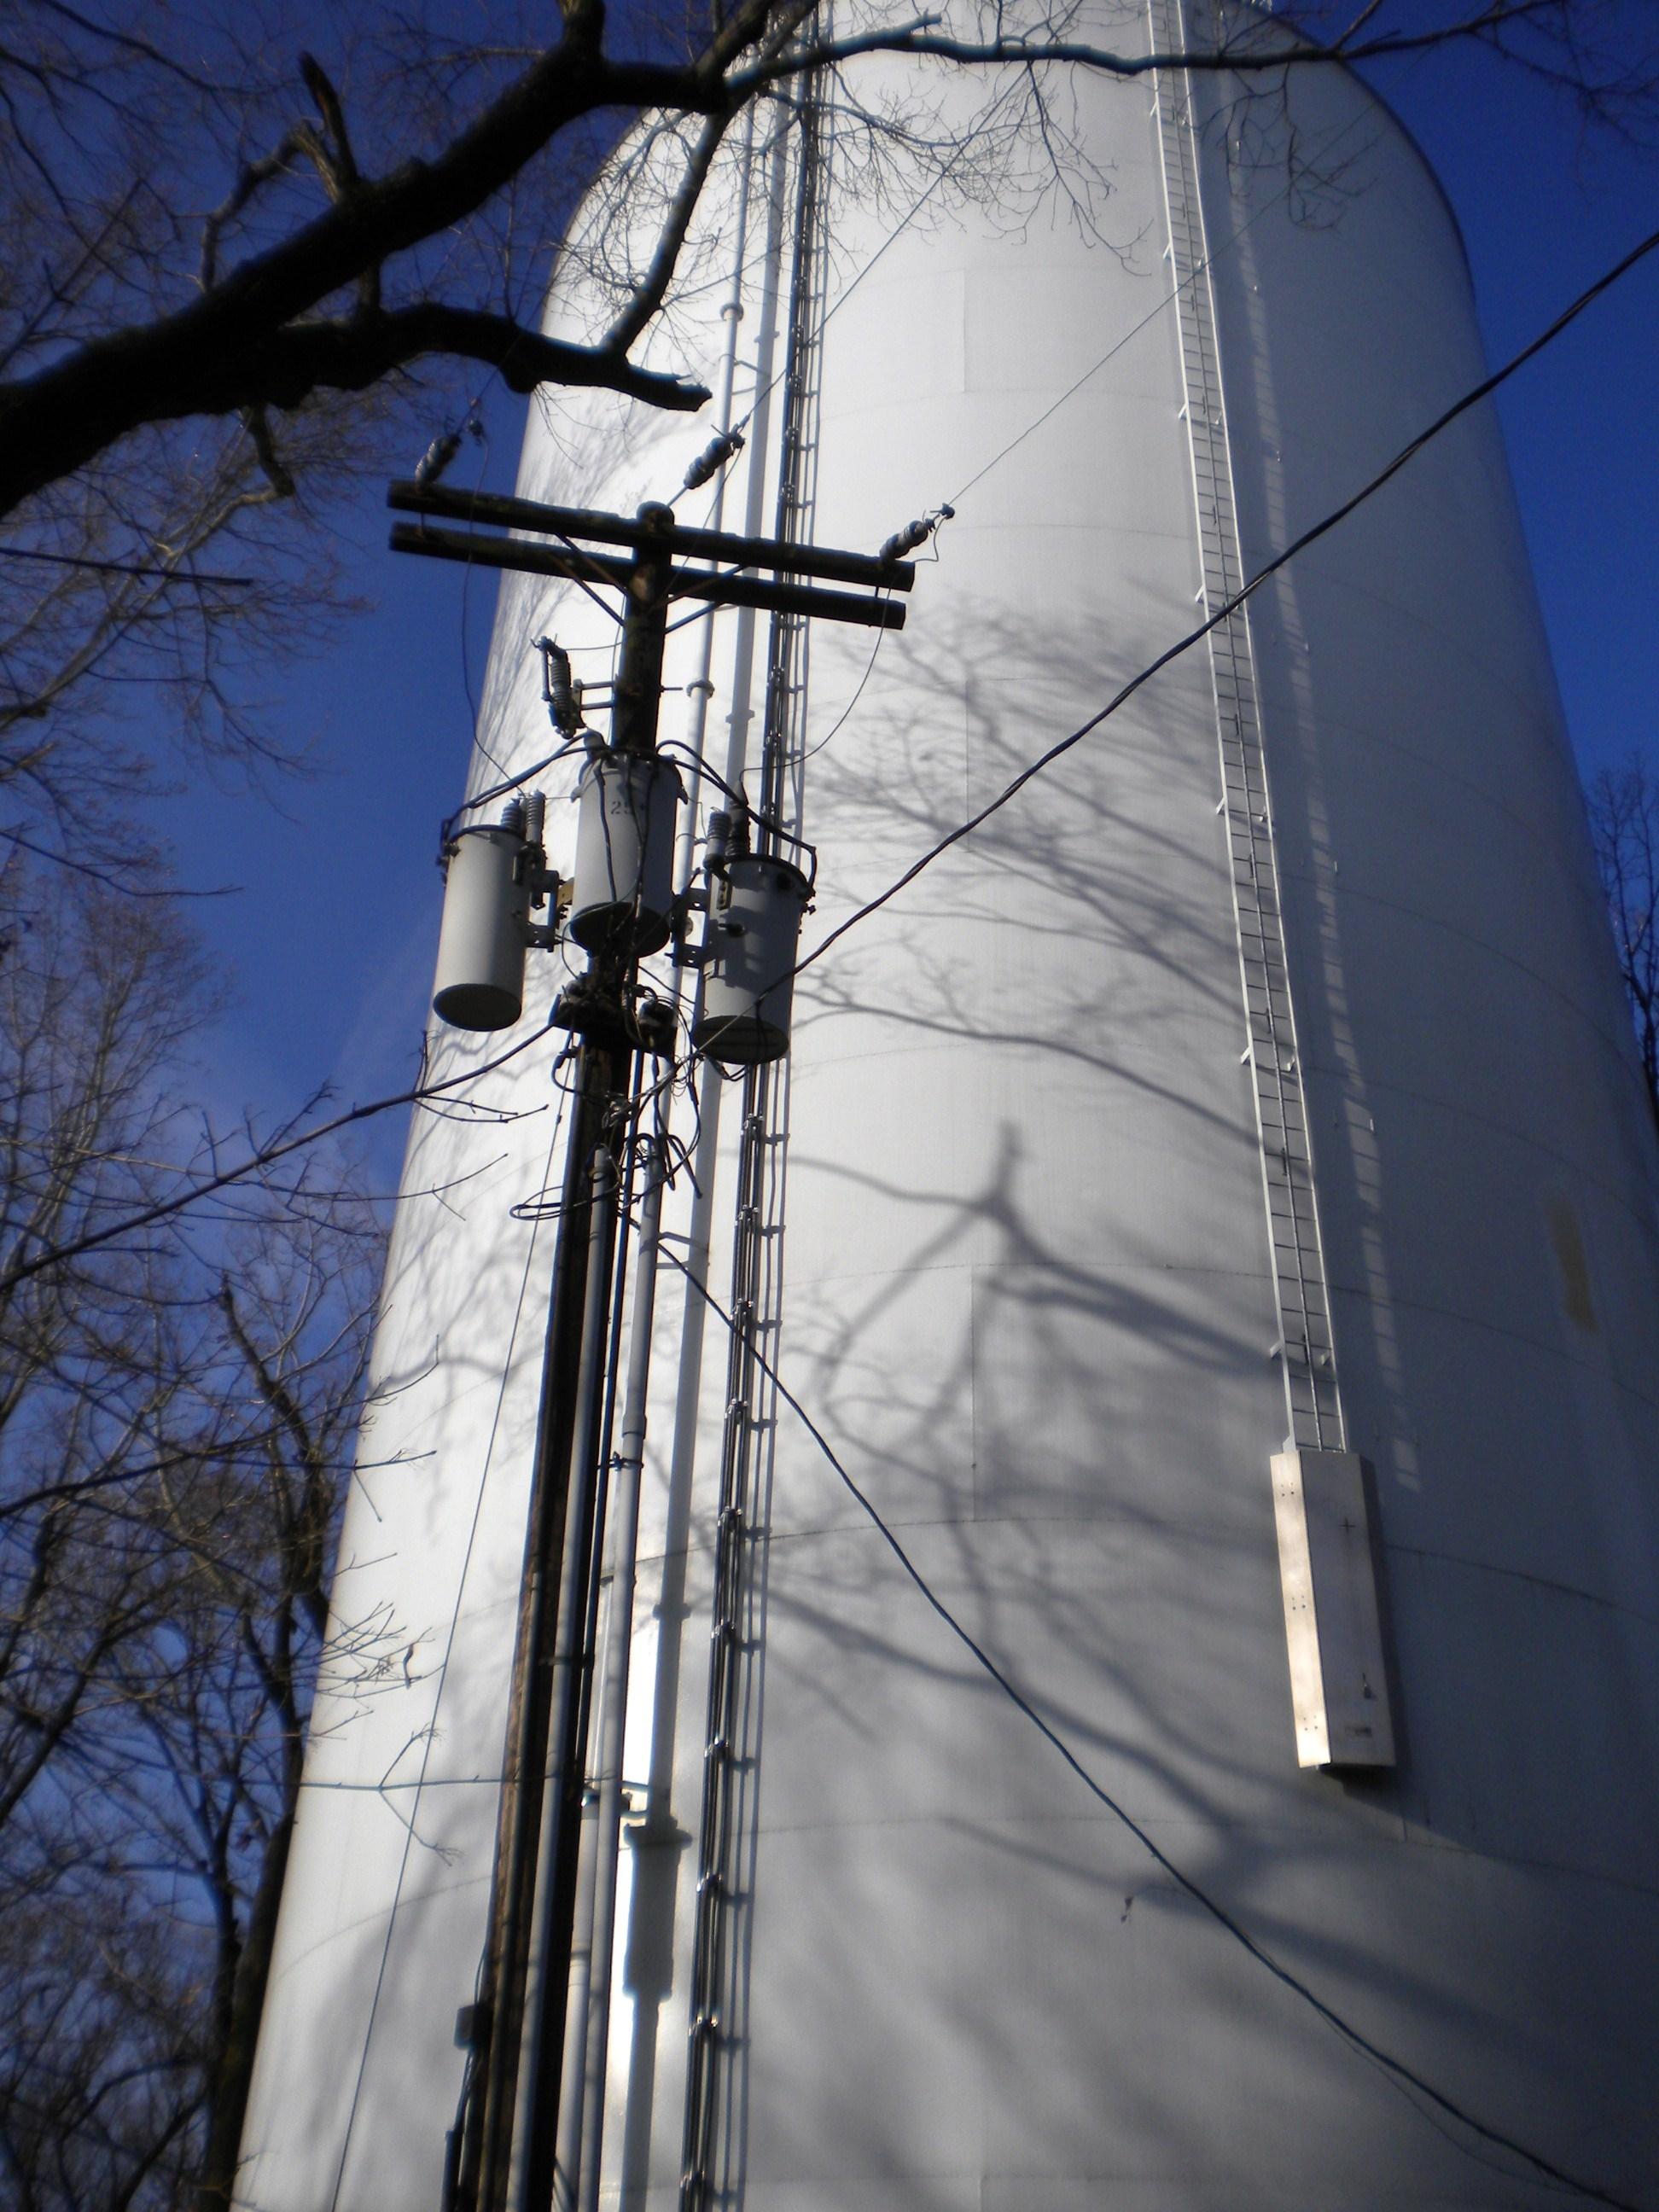 cc3e1f47fa8dfb6bf74e_tower1.JPG